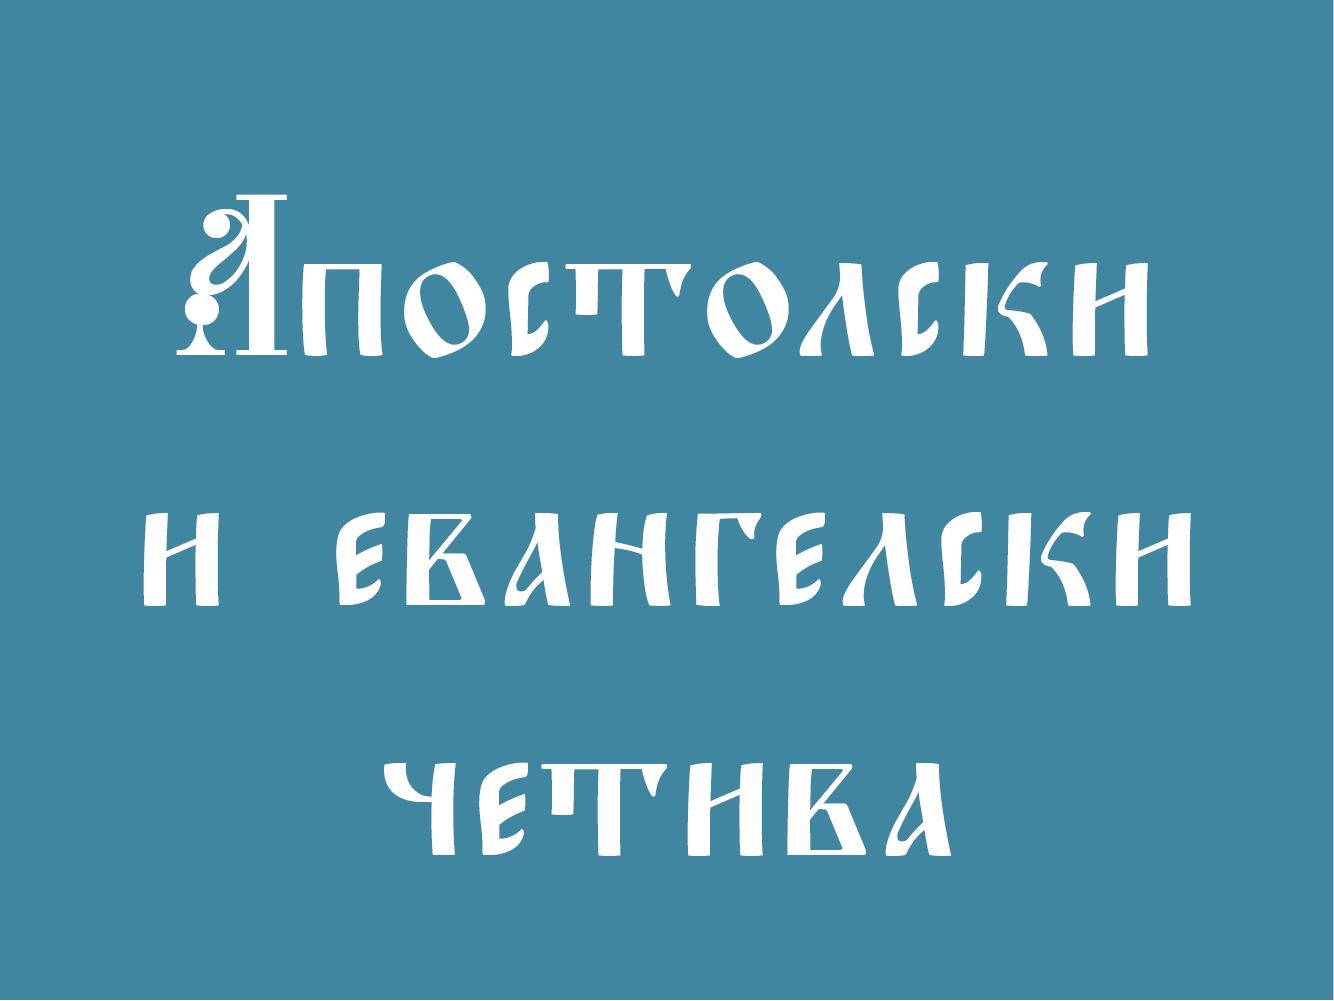 Ponomar Unicode